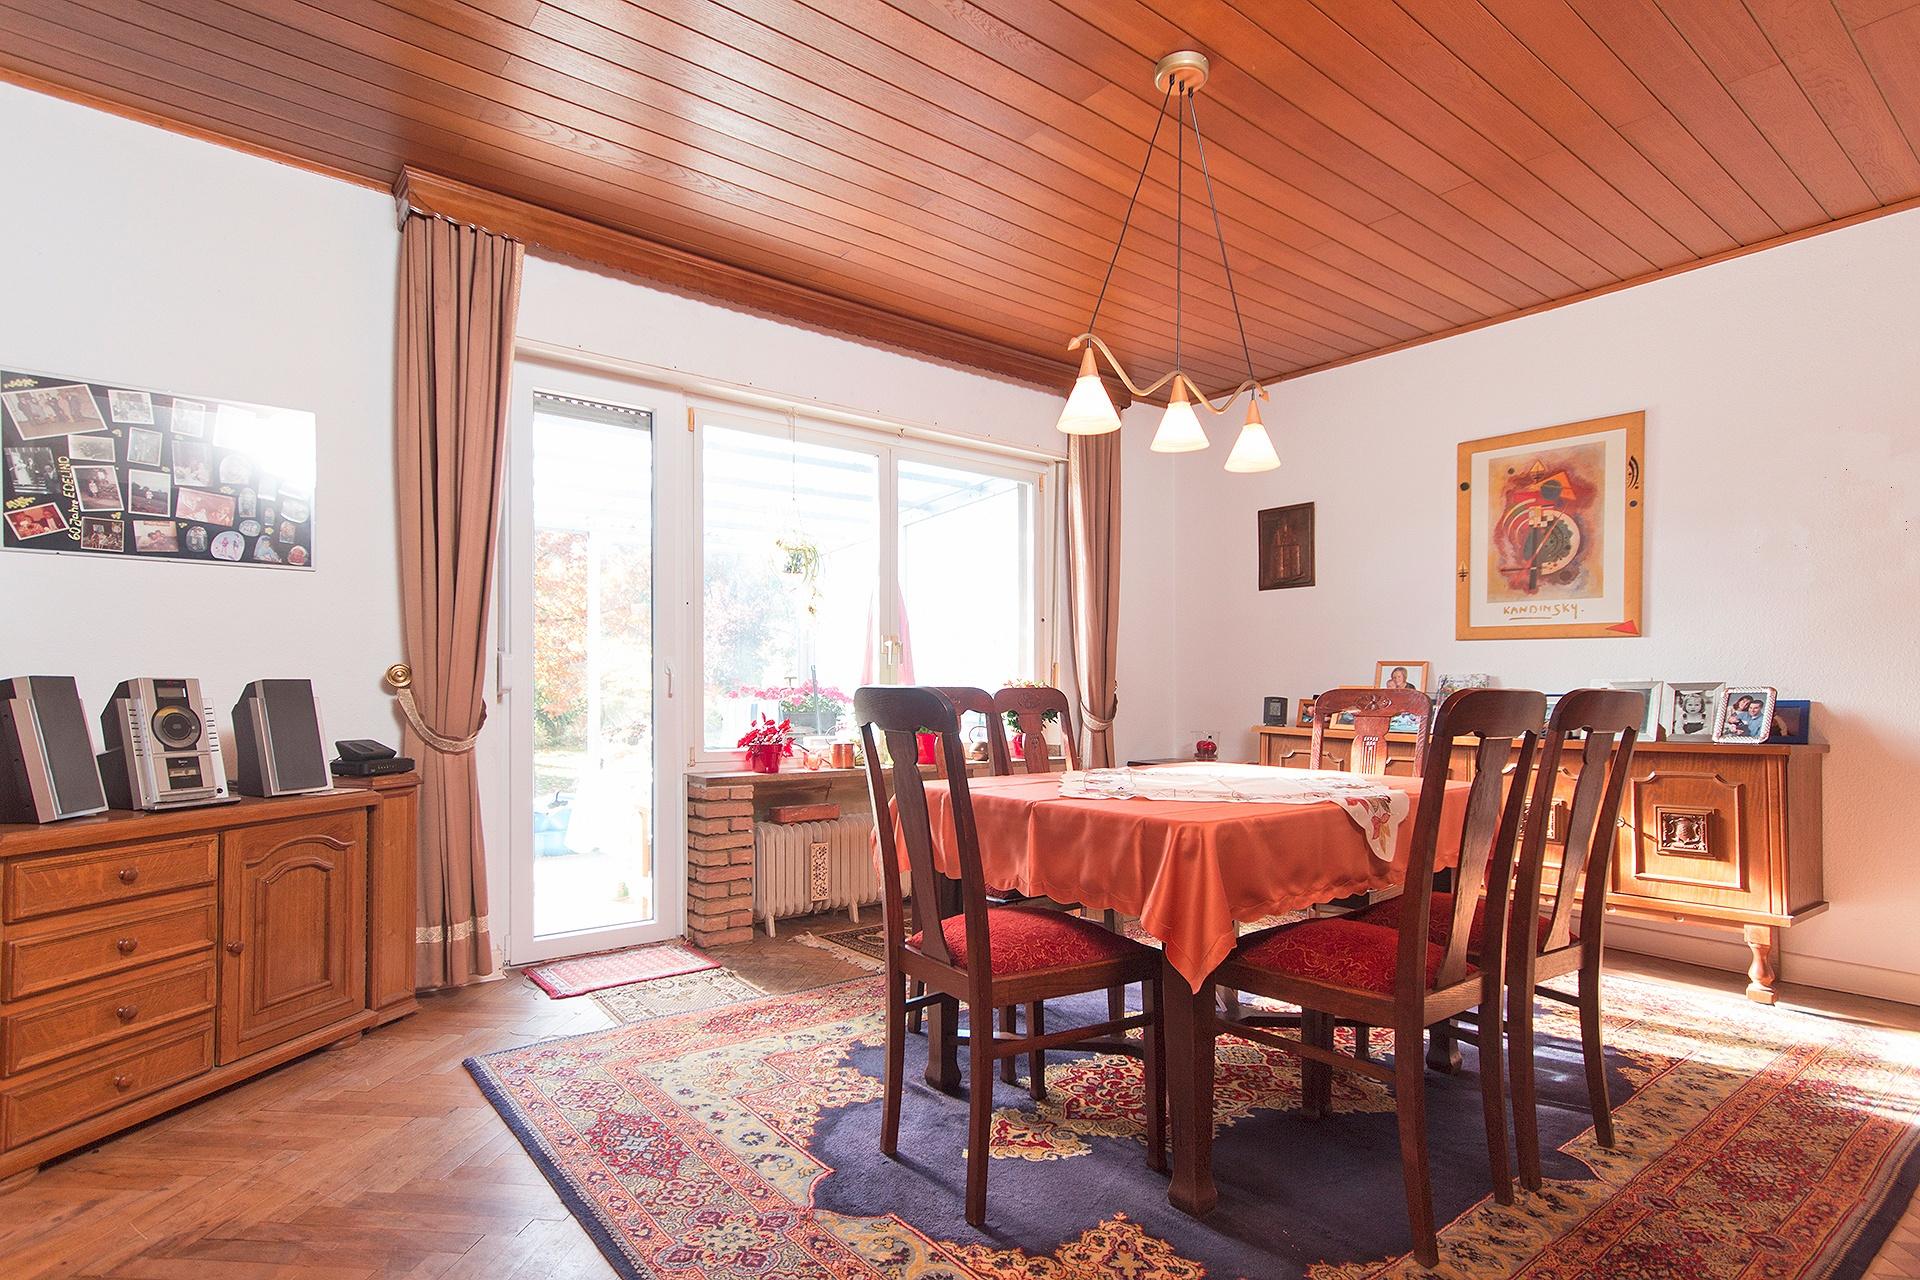 Immobilienmakler Aachen Doppelhaushälfte referenzen mit Immobilienbewertung